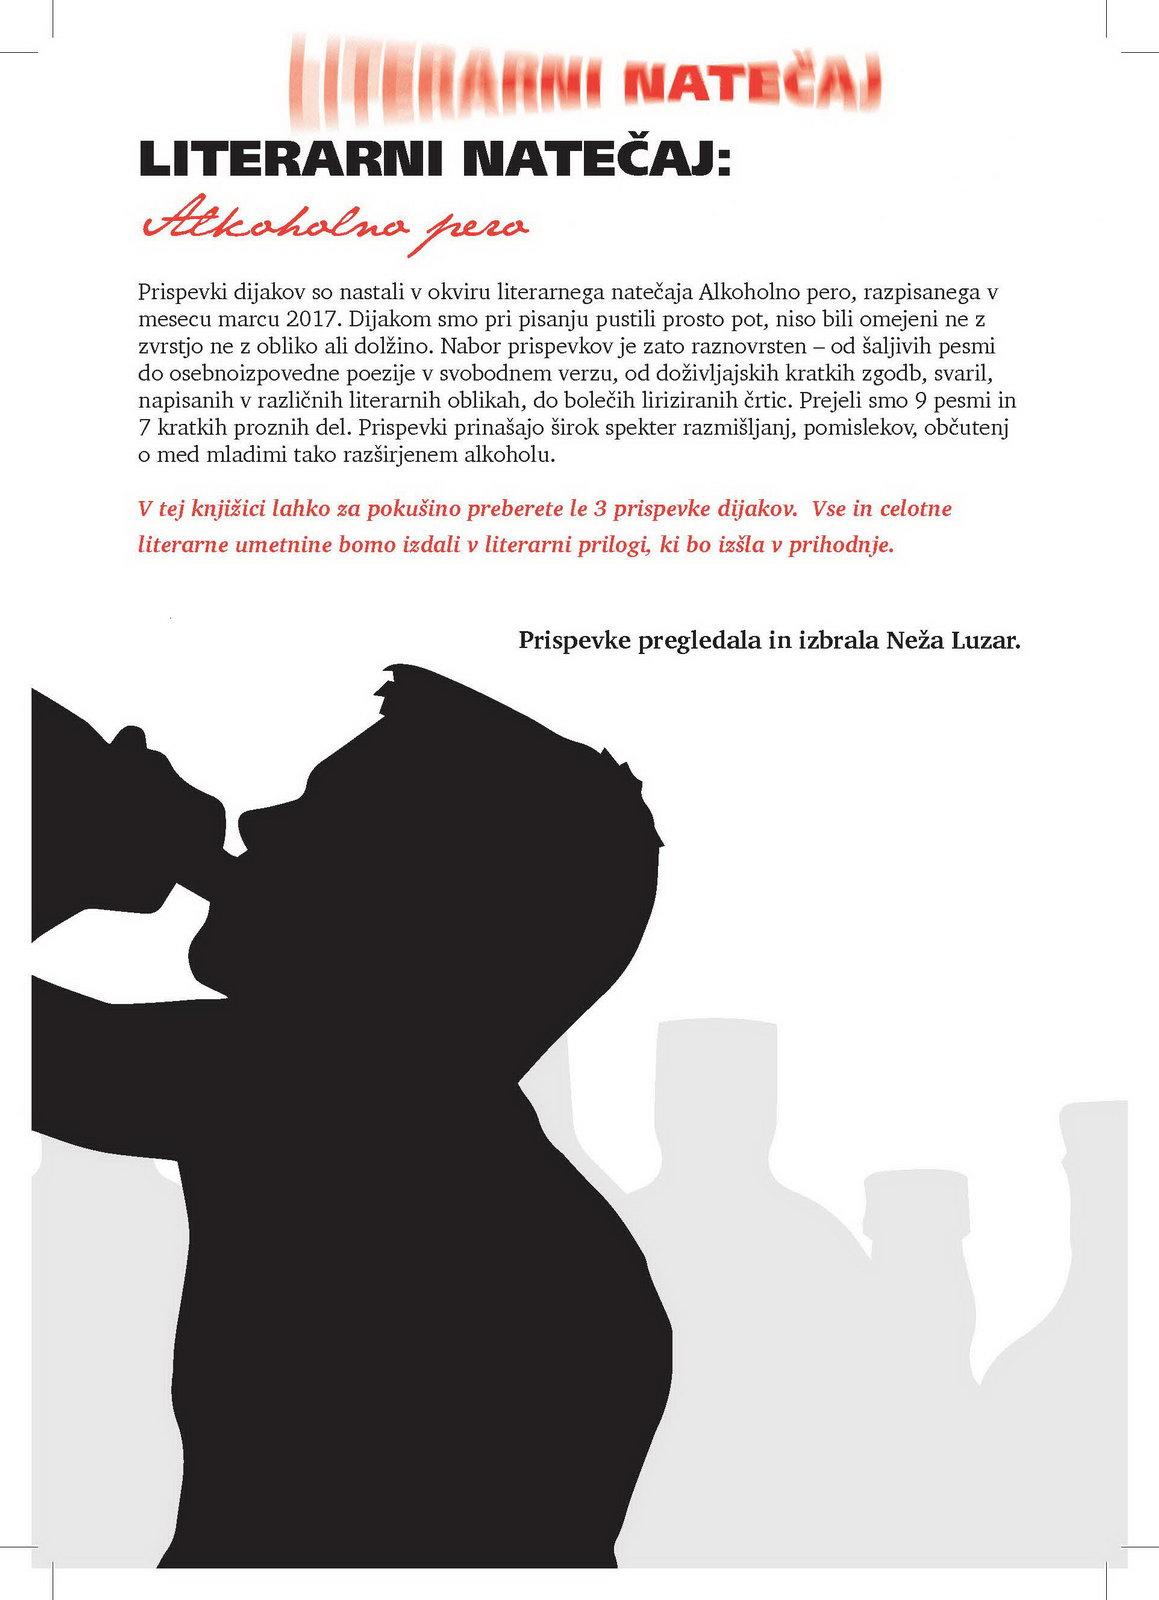 BITI_Alkohol_019.jpg